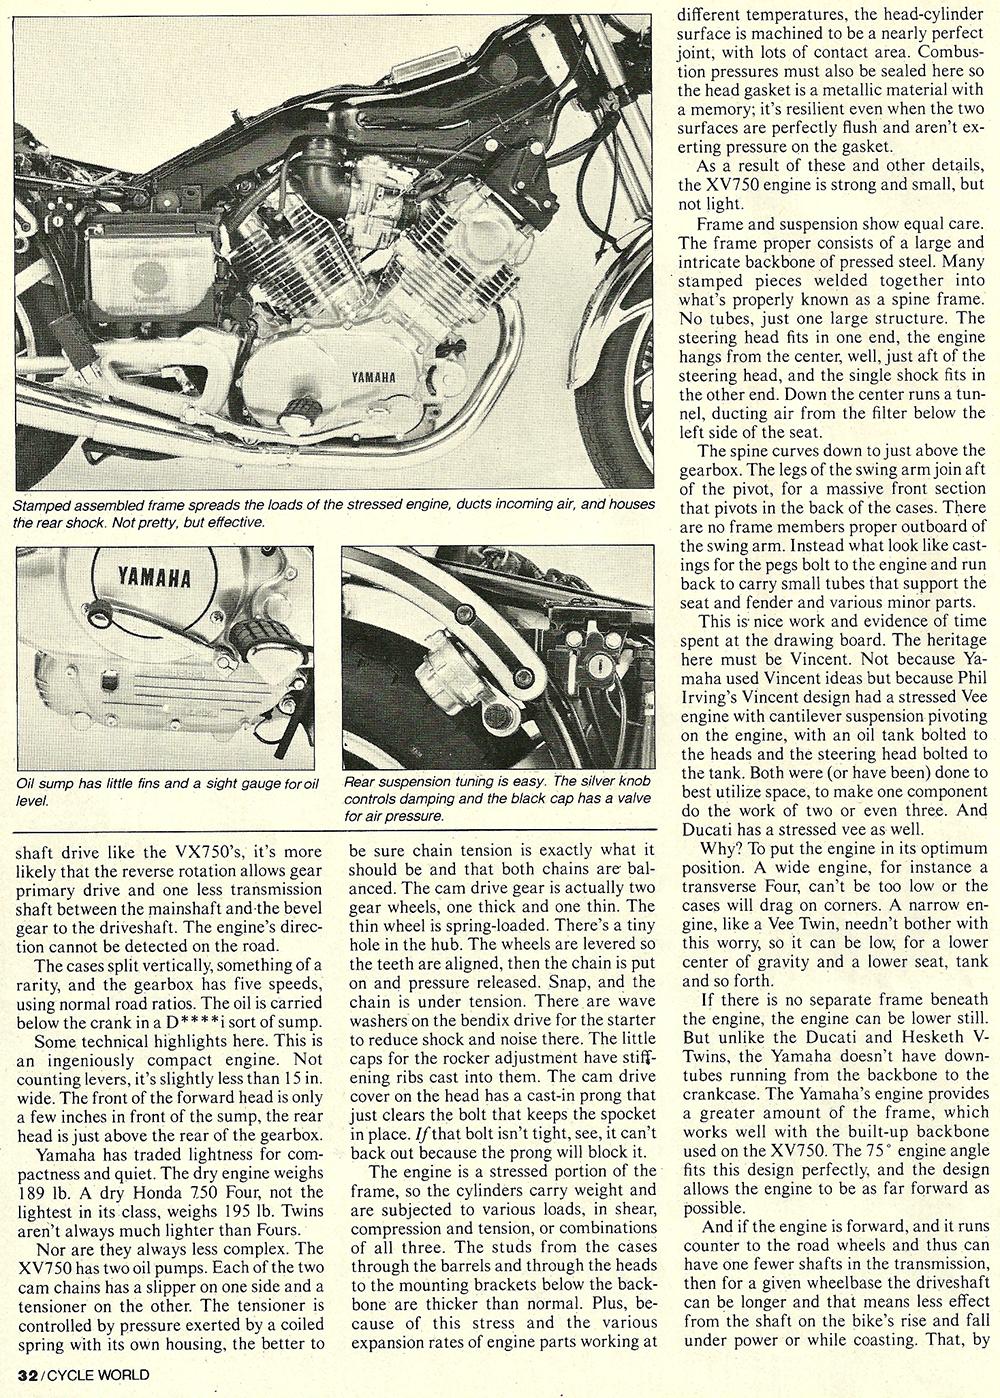 1981 Yamaha XV750 Virago road test 05.jpg